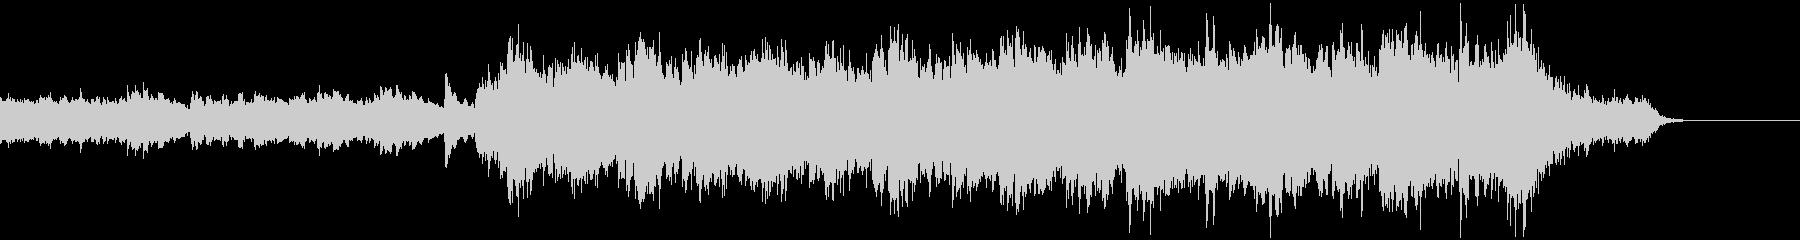 ピアノから始まり盛り上がっていくBGMの未再生の波形